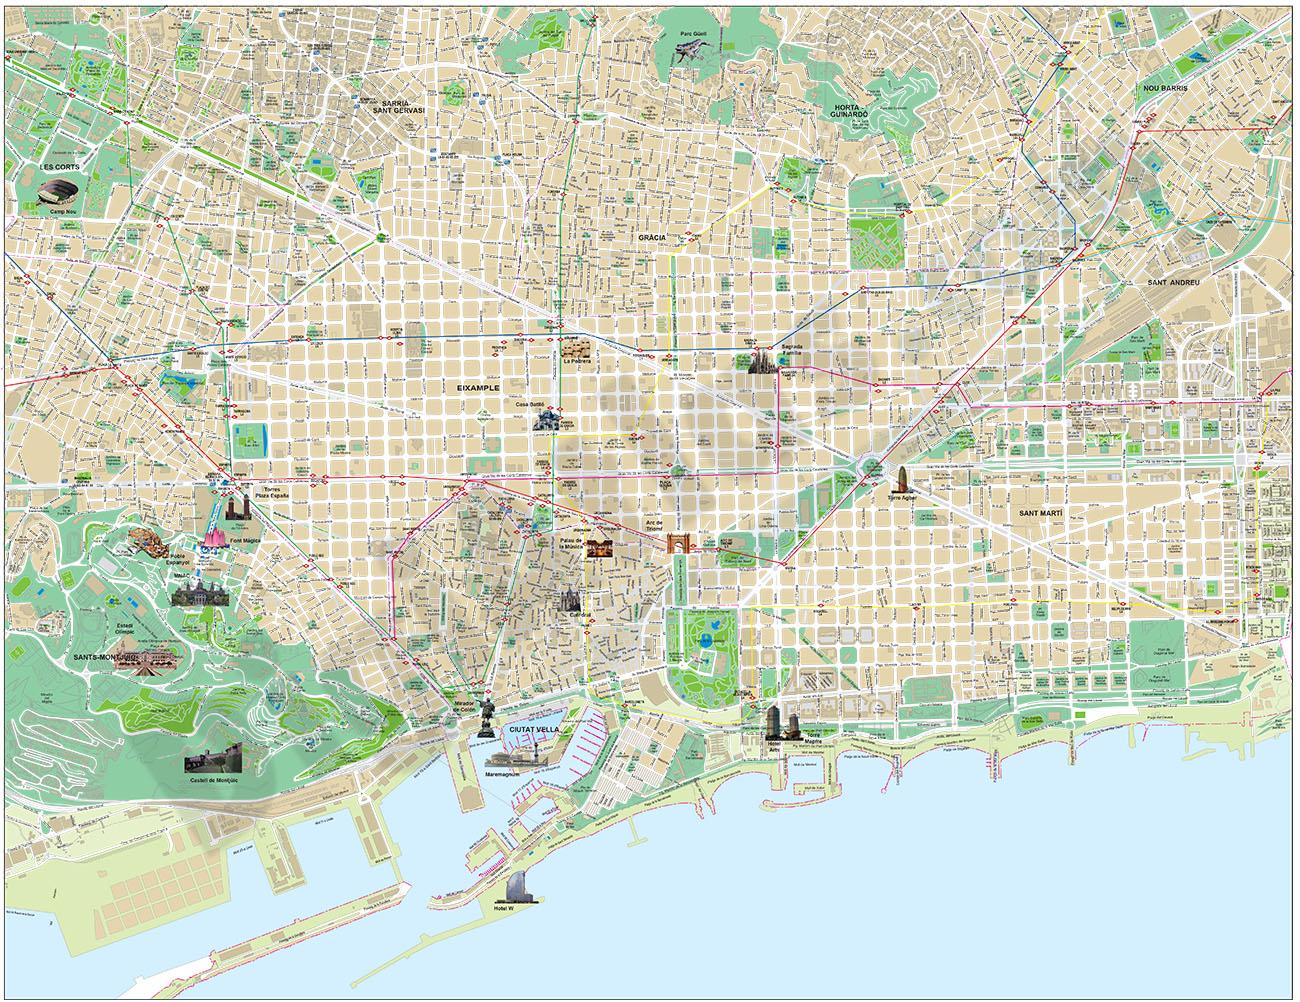 Mapa Codigos Postales Barcelona.Digiatlas Mapas Y Planos Digitales Mapas De Codigos Postales